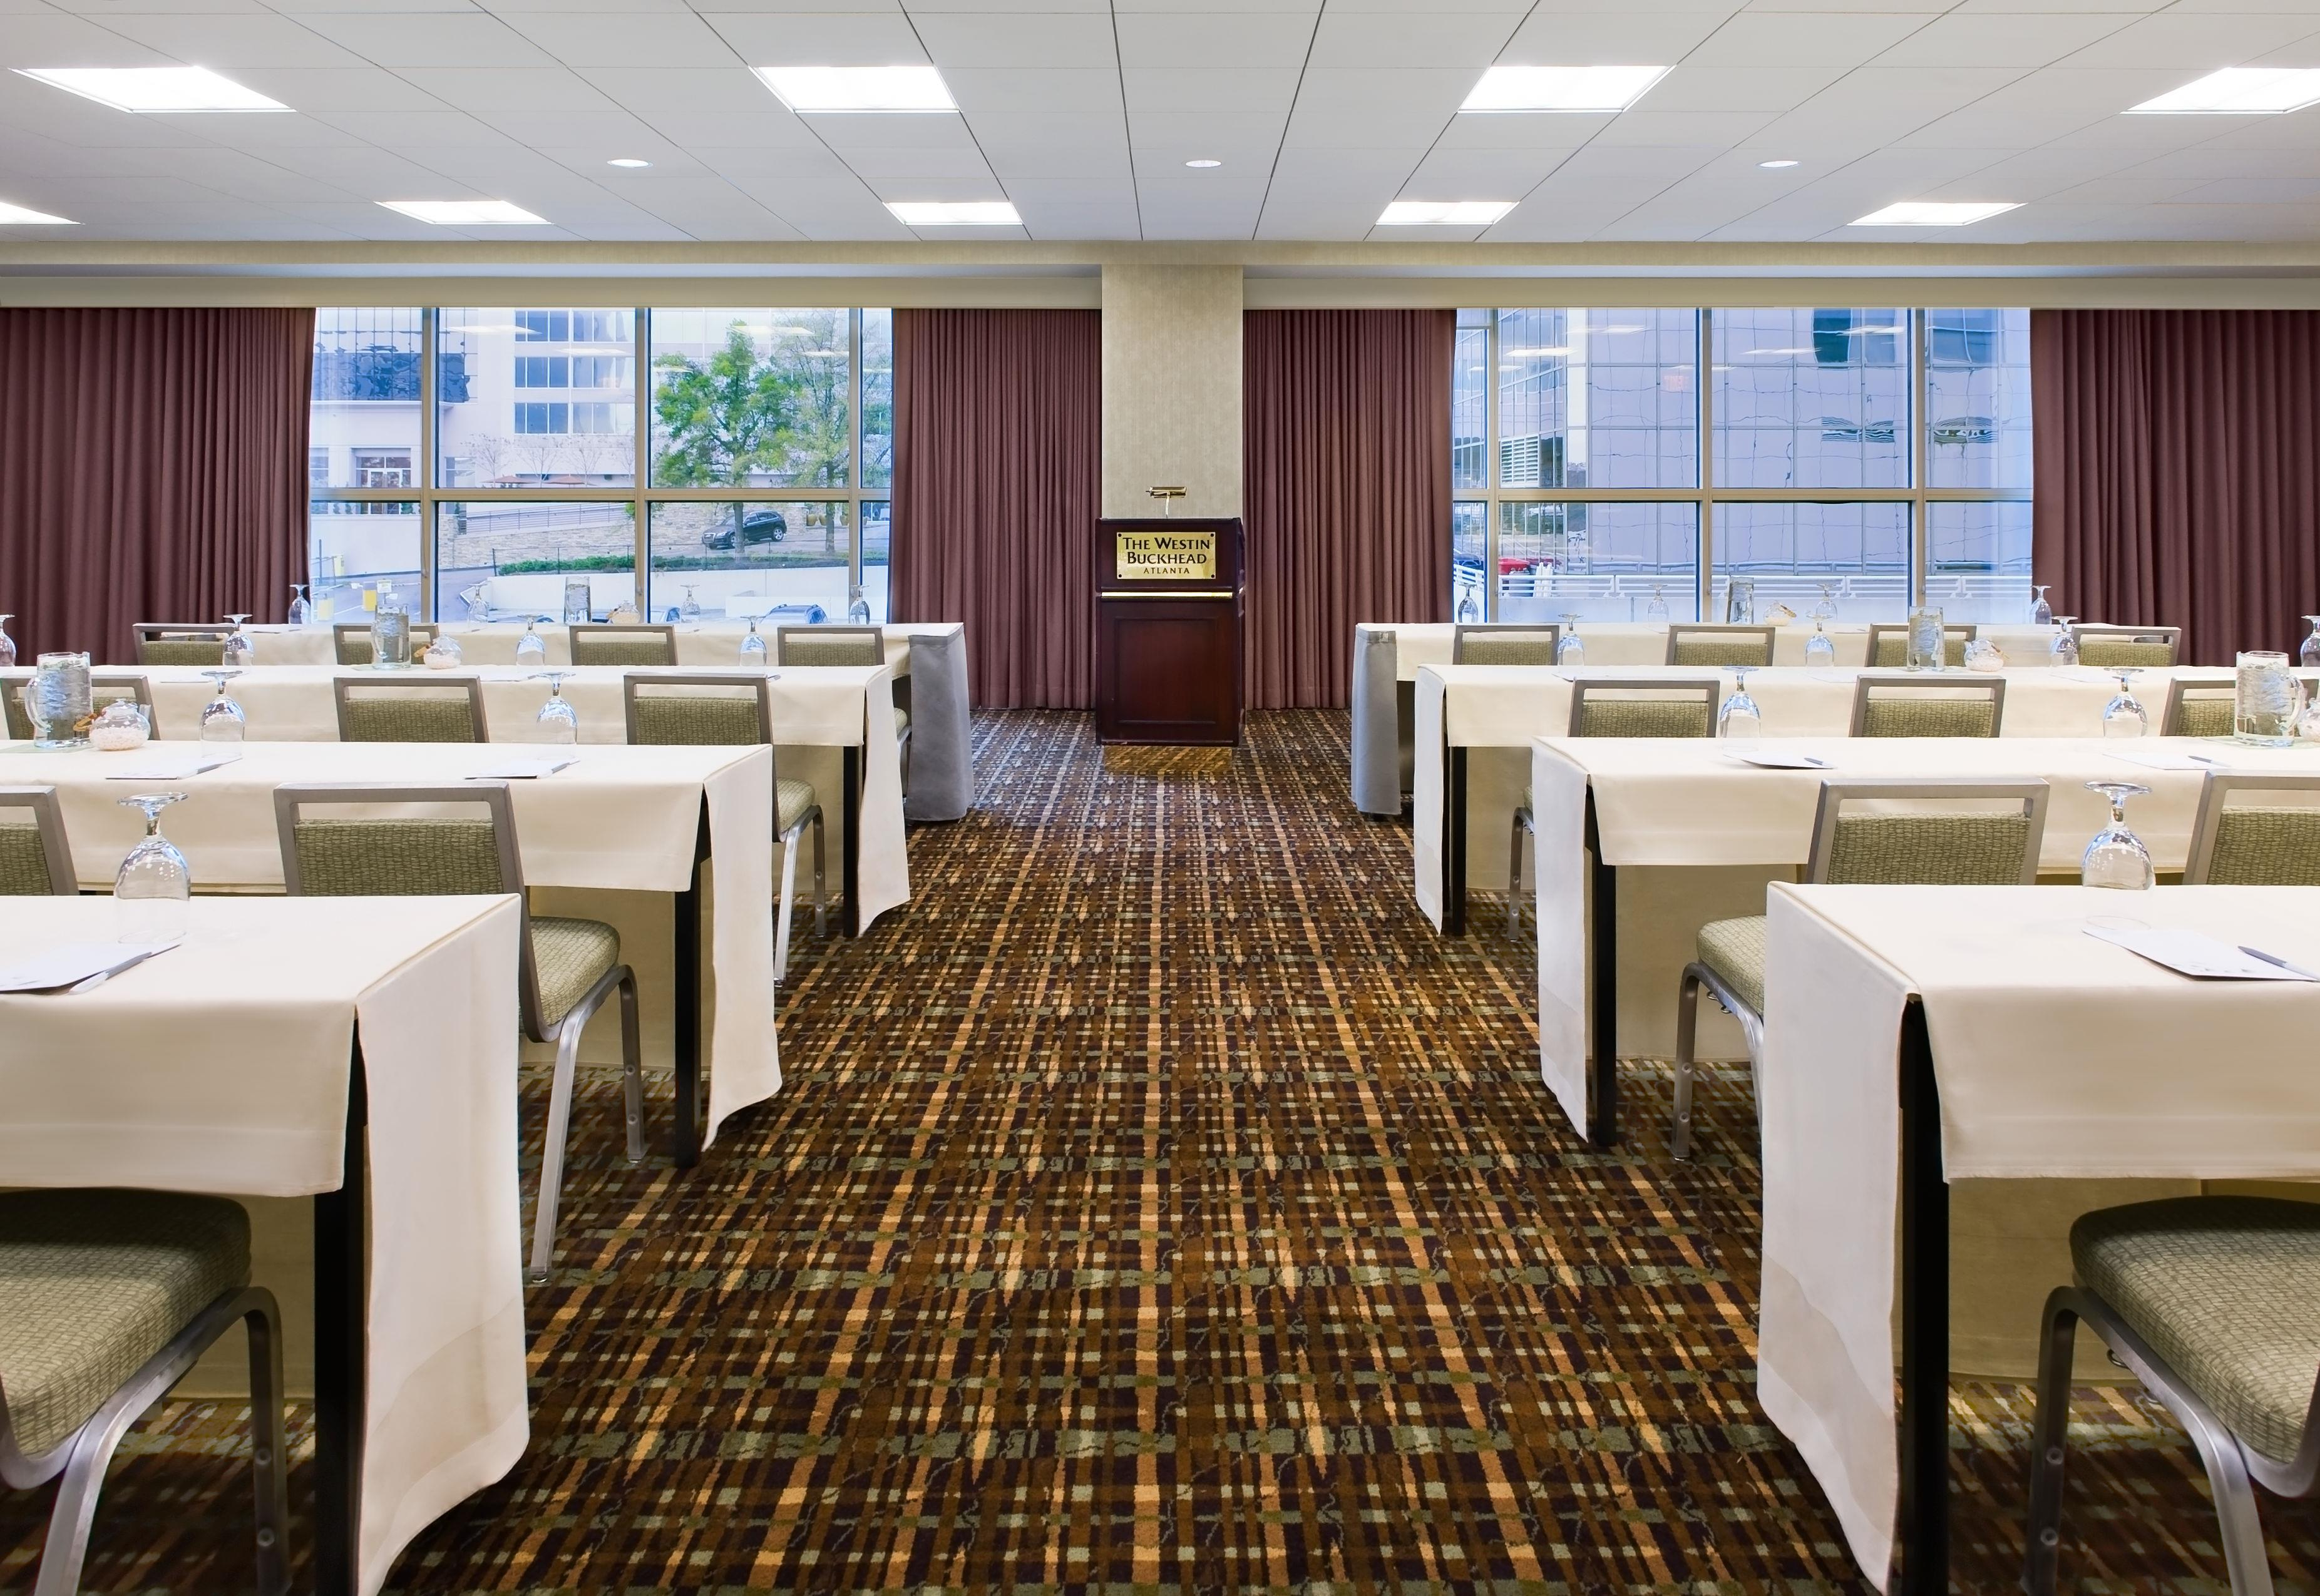 Hotel Rooms Near Buckhead Atlanta